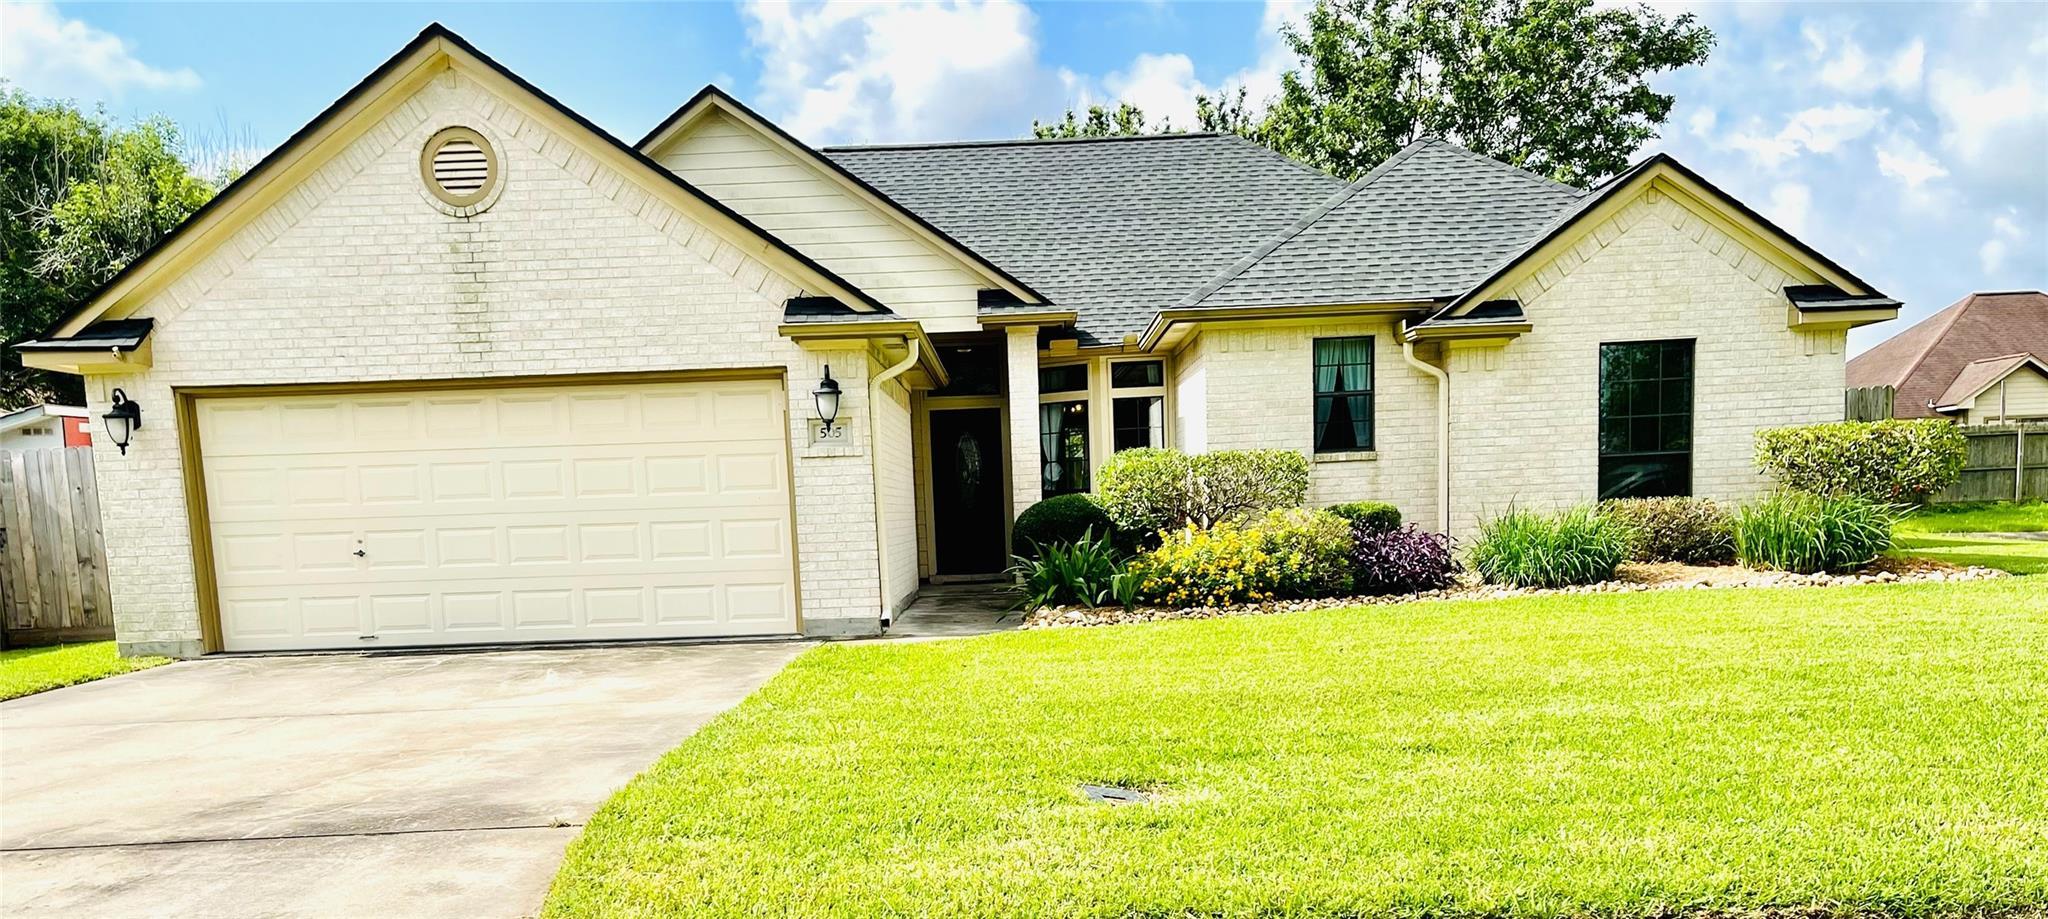 505 Jackson Avenue Property Photo